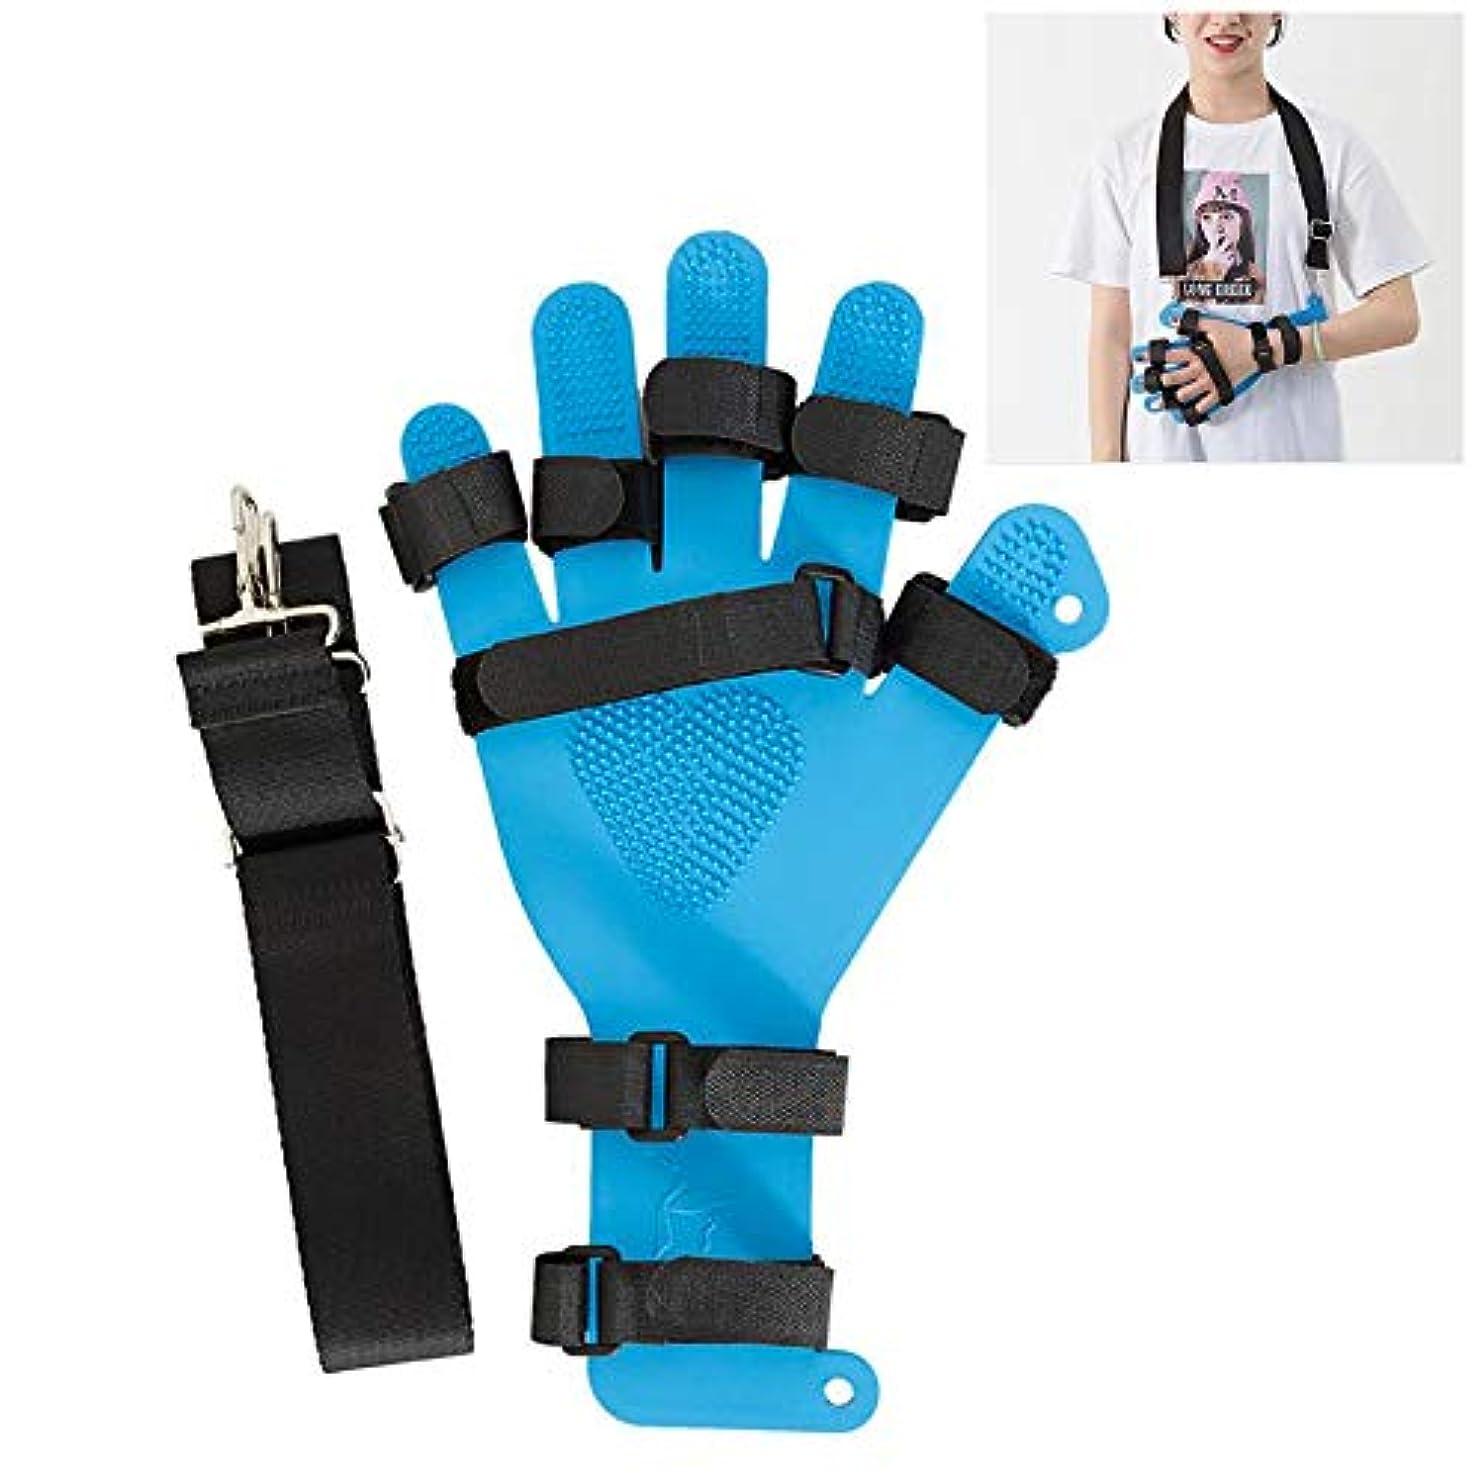 抜け目がない東部馬力指の副木指板、調節可能な手首の訓練の装具、リハビリテーションのための指の分離器延長板。,2PCS